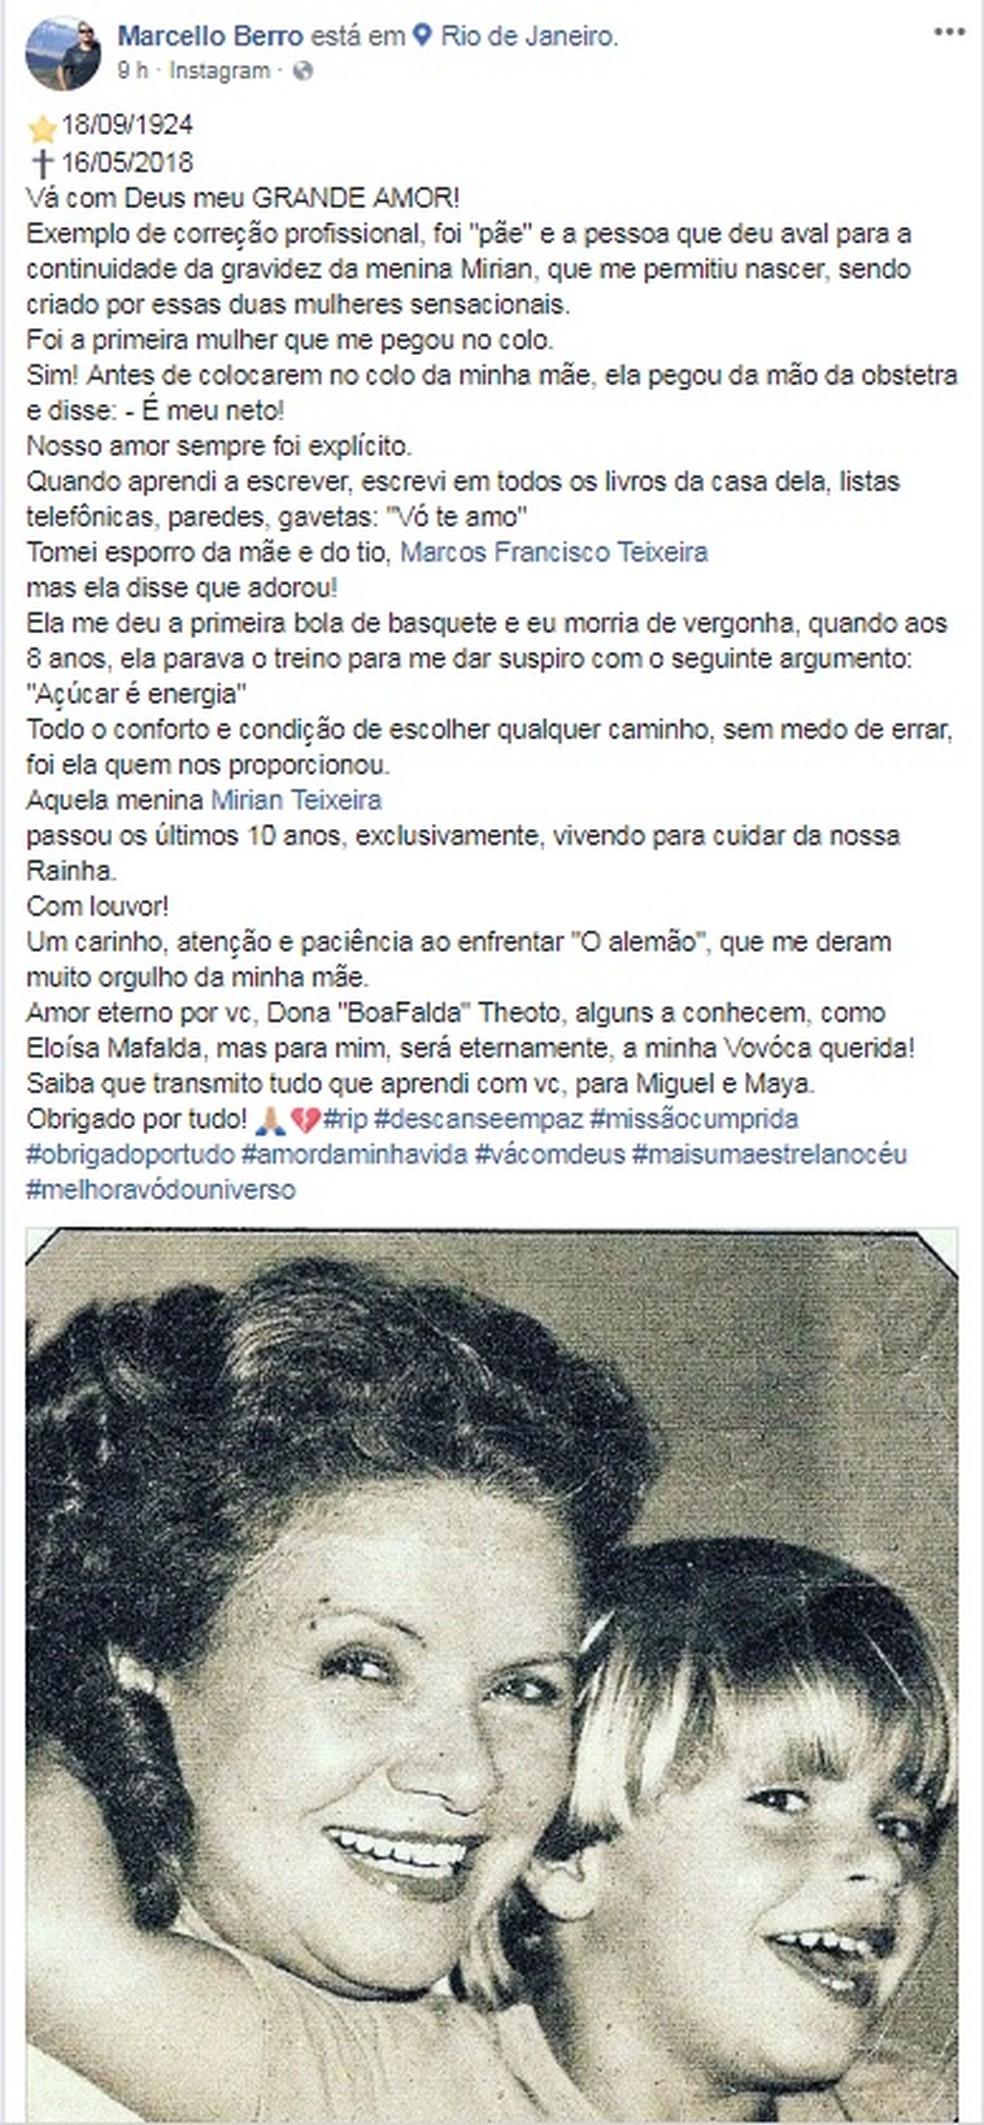 Marcelo Berro, neto de Eloísa Mafalda, faz post em homenagem a avó (Foto: Reprodução/Facebook)